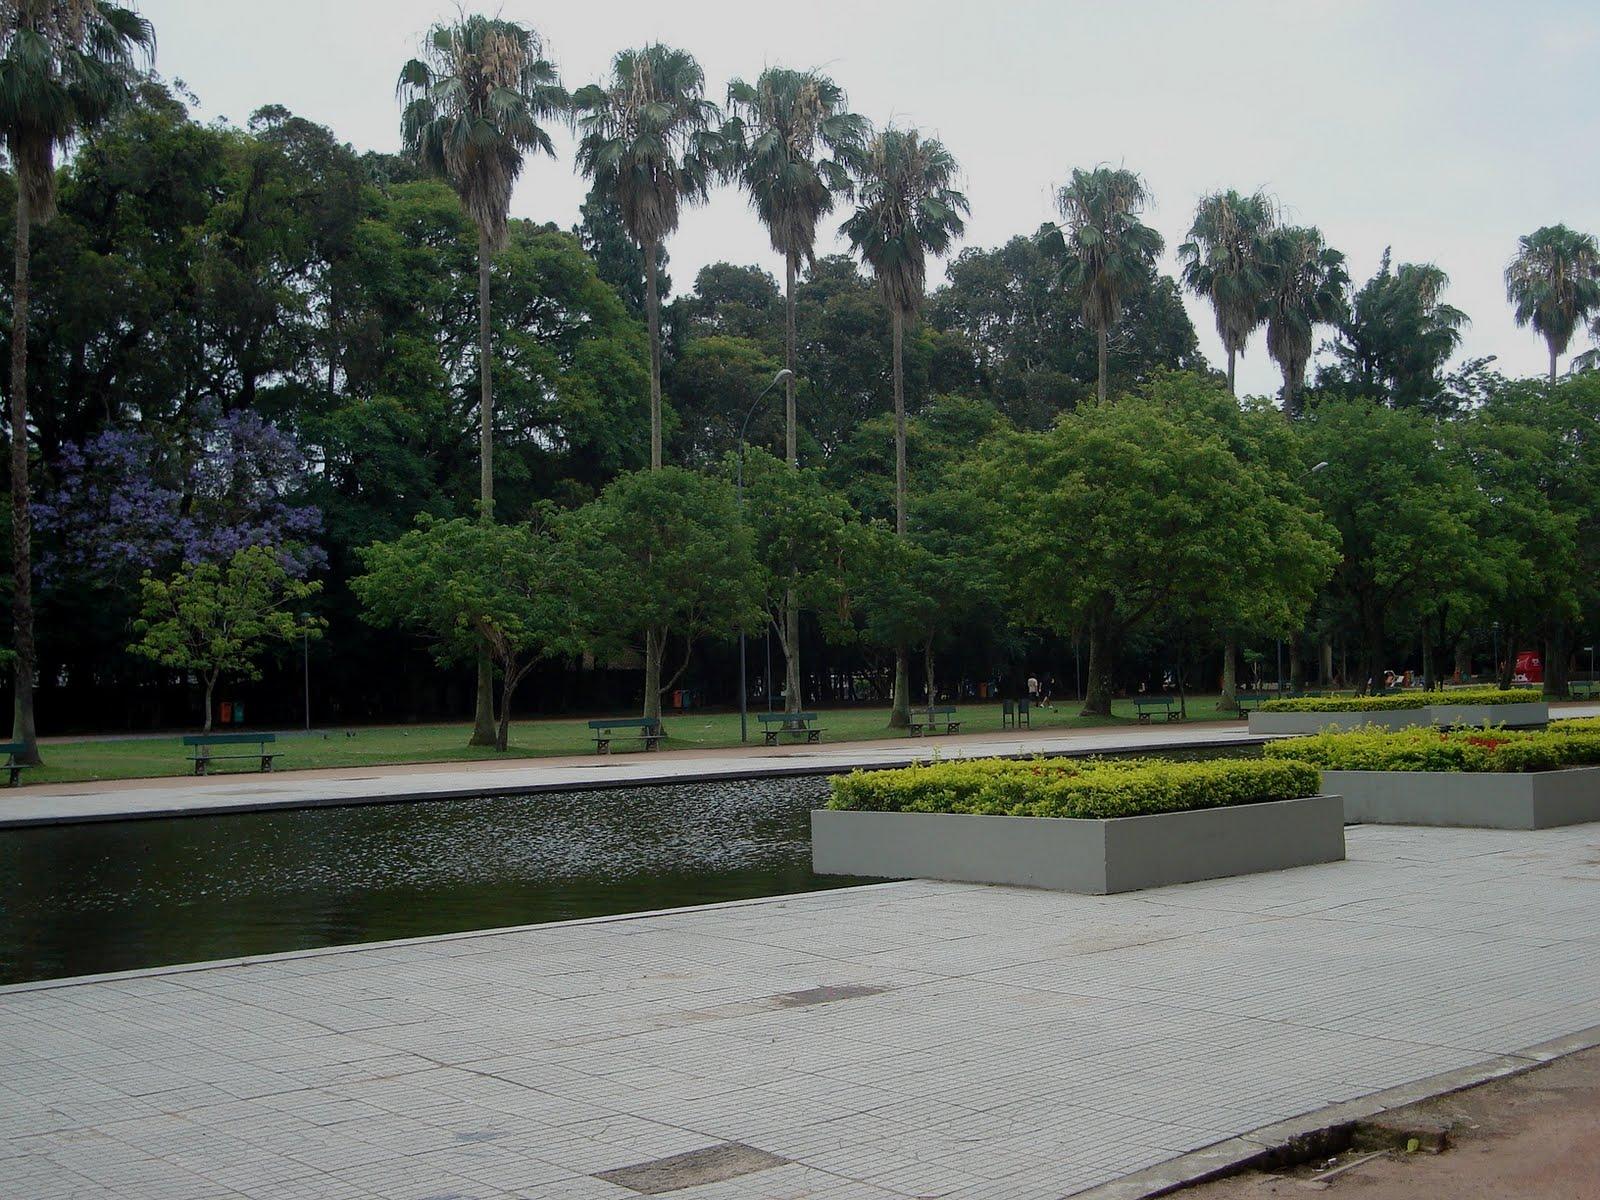 Crianças Se Divertindo No Parque: Máquina De Letras: Muitos Parques Em Porto Alegre